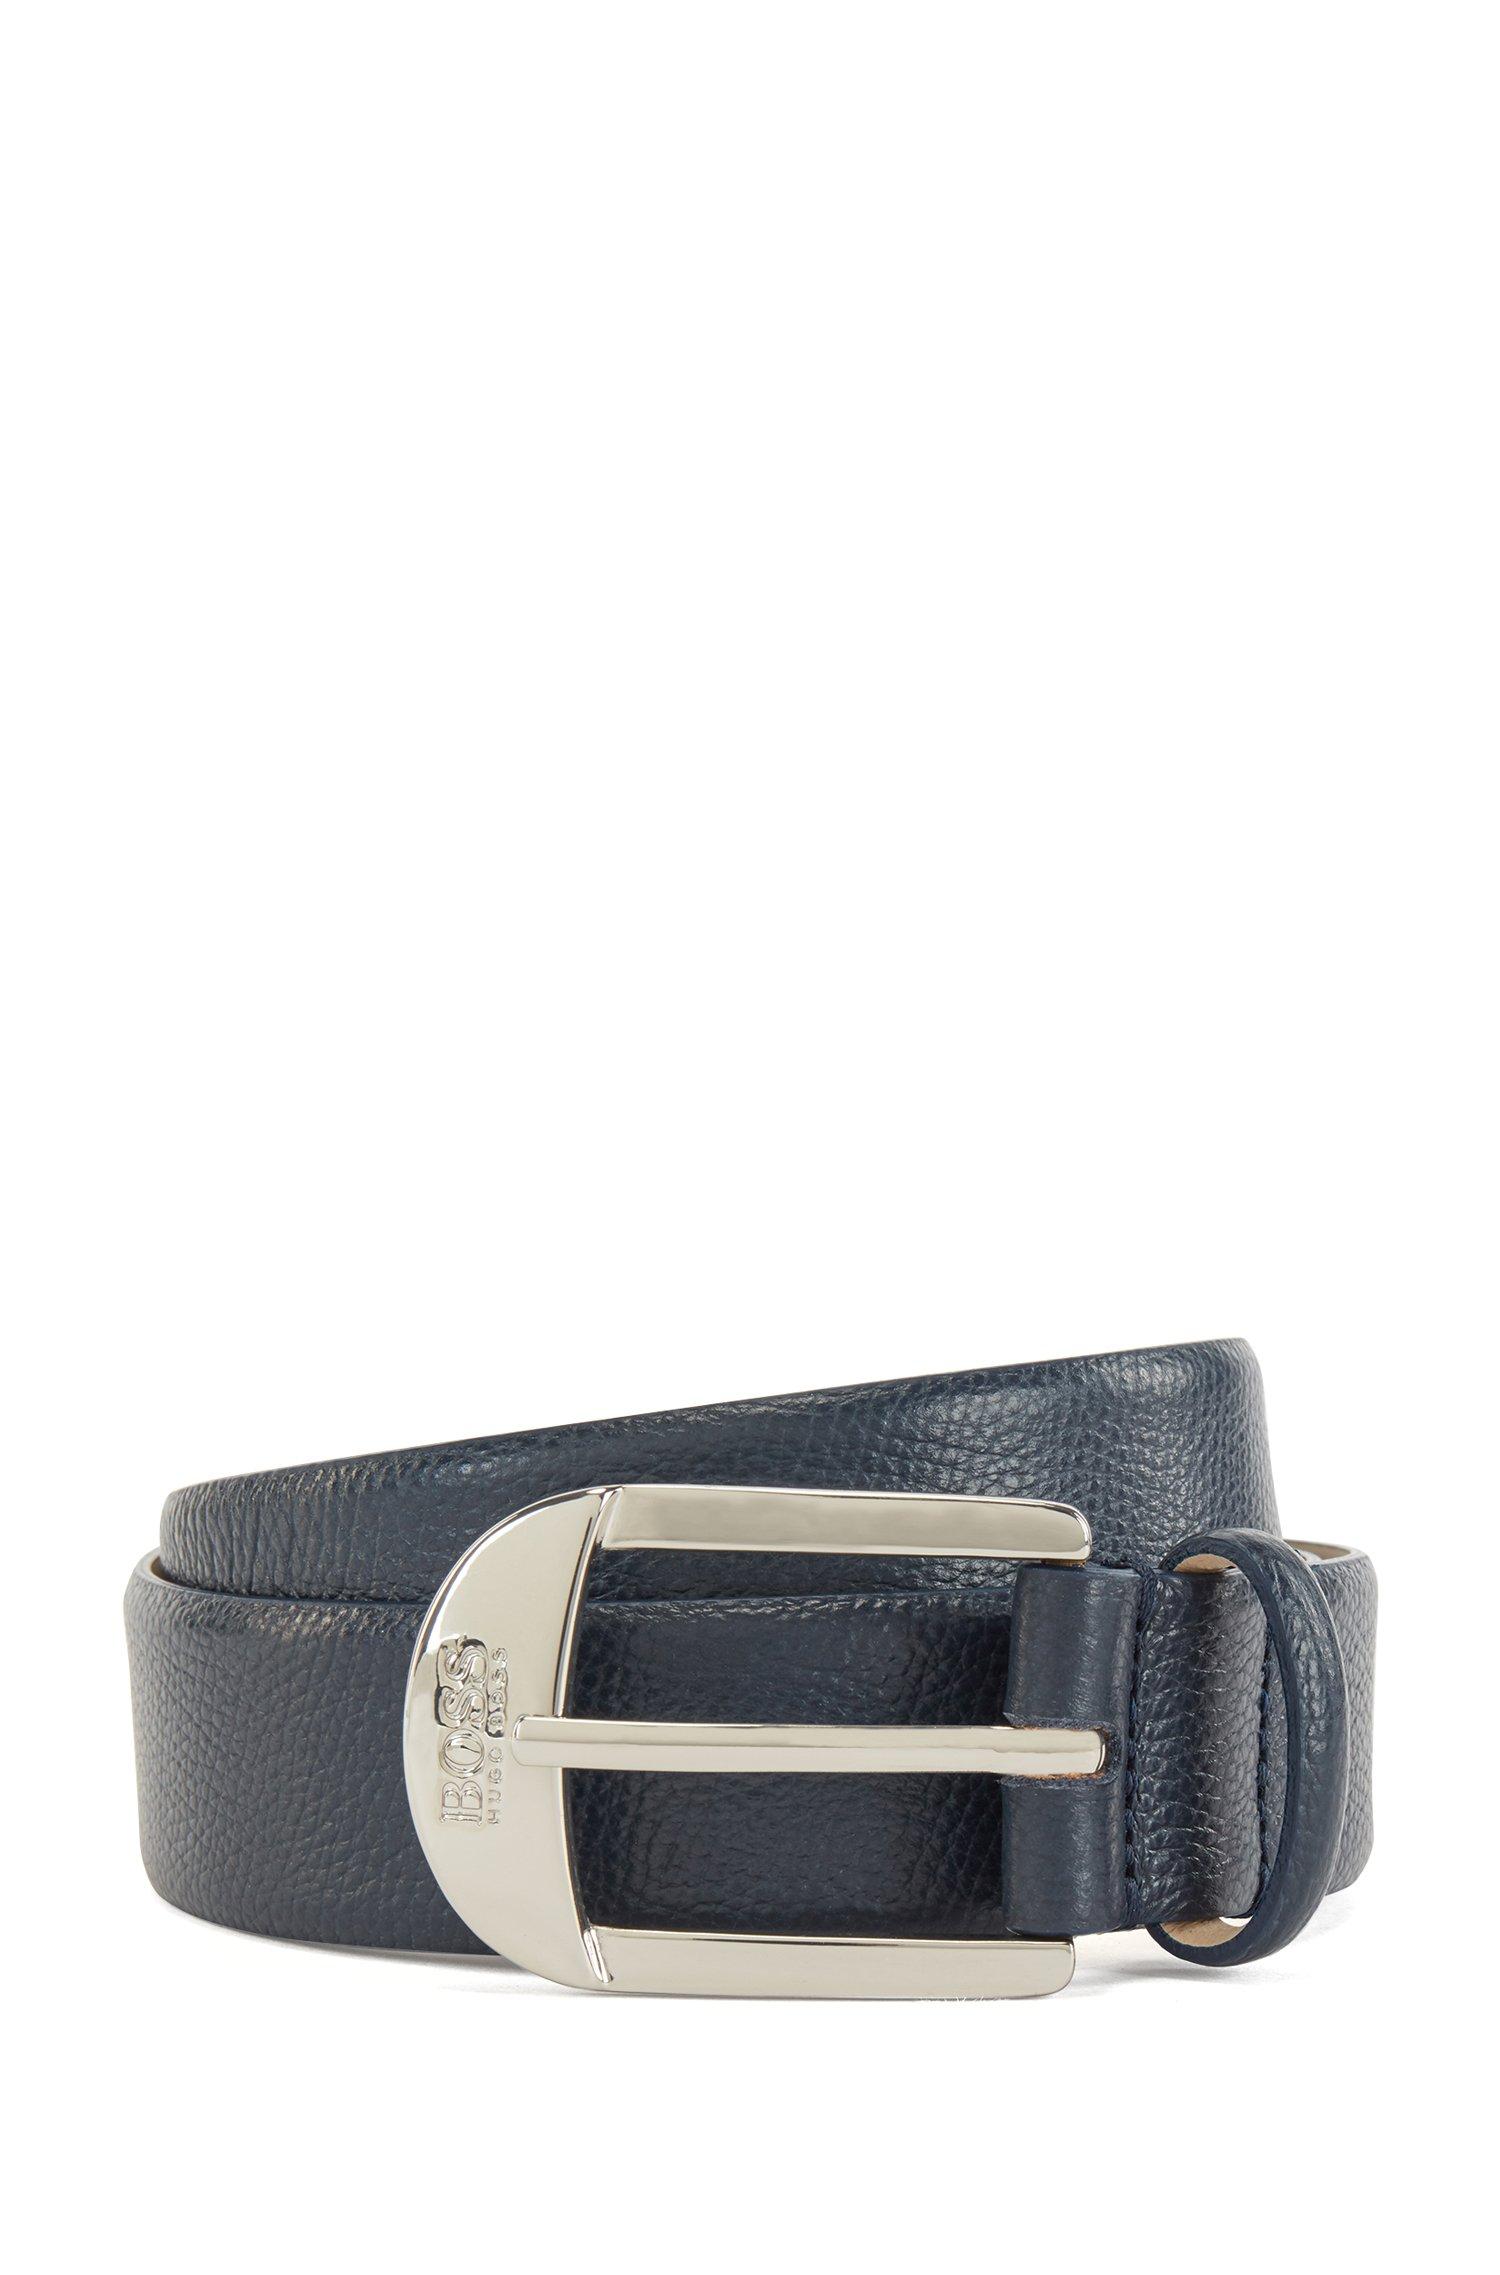 Pin-buckle belt in grained Italian leather, Dark Blue